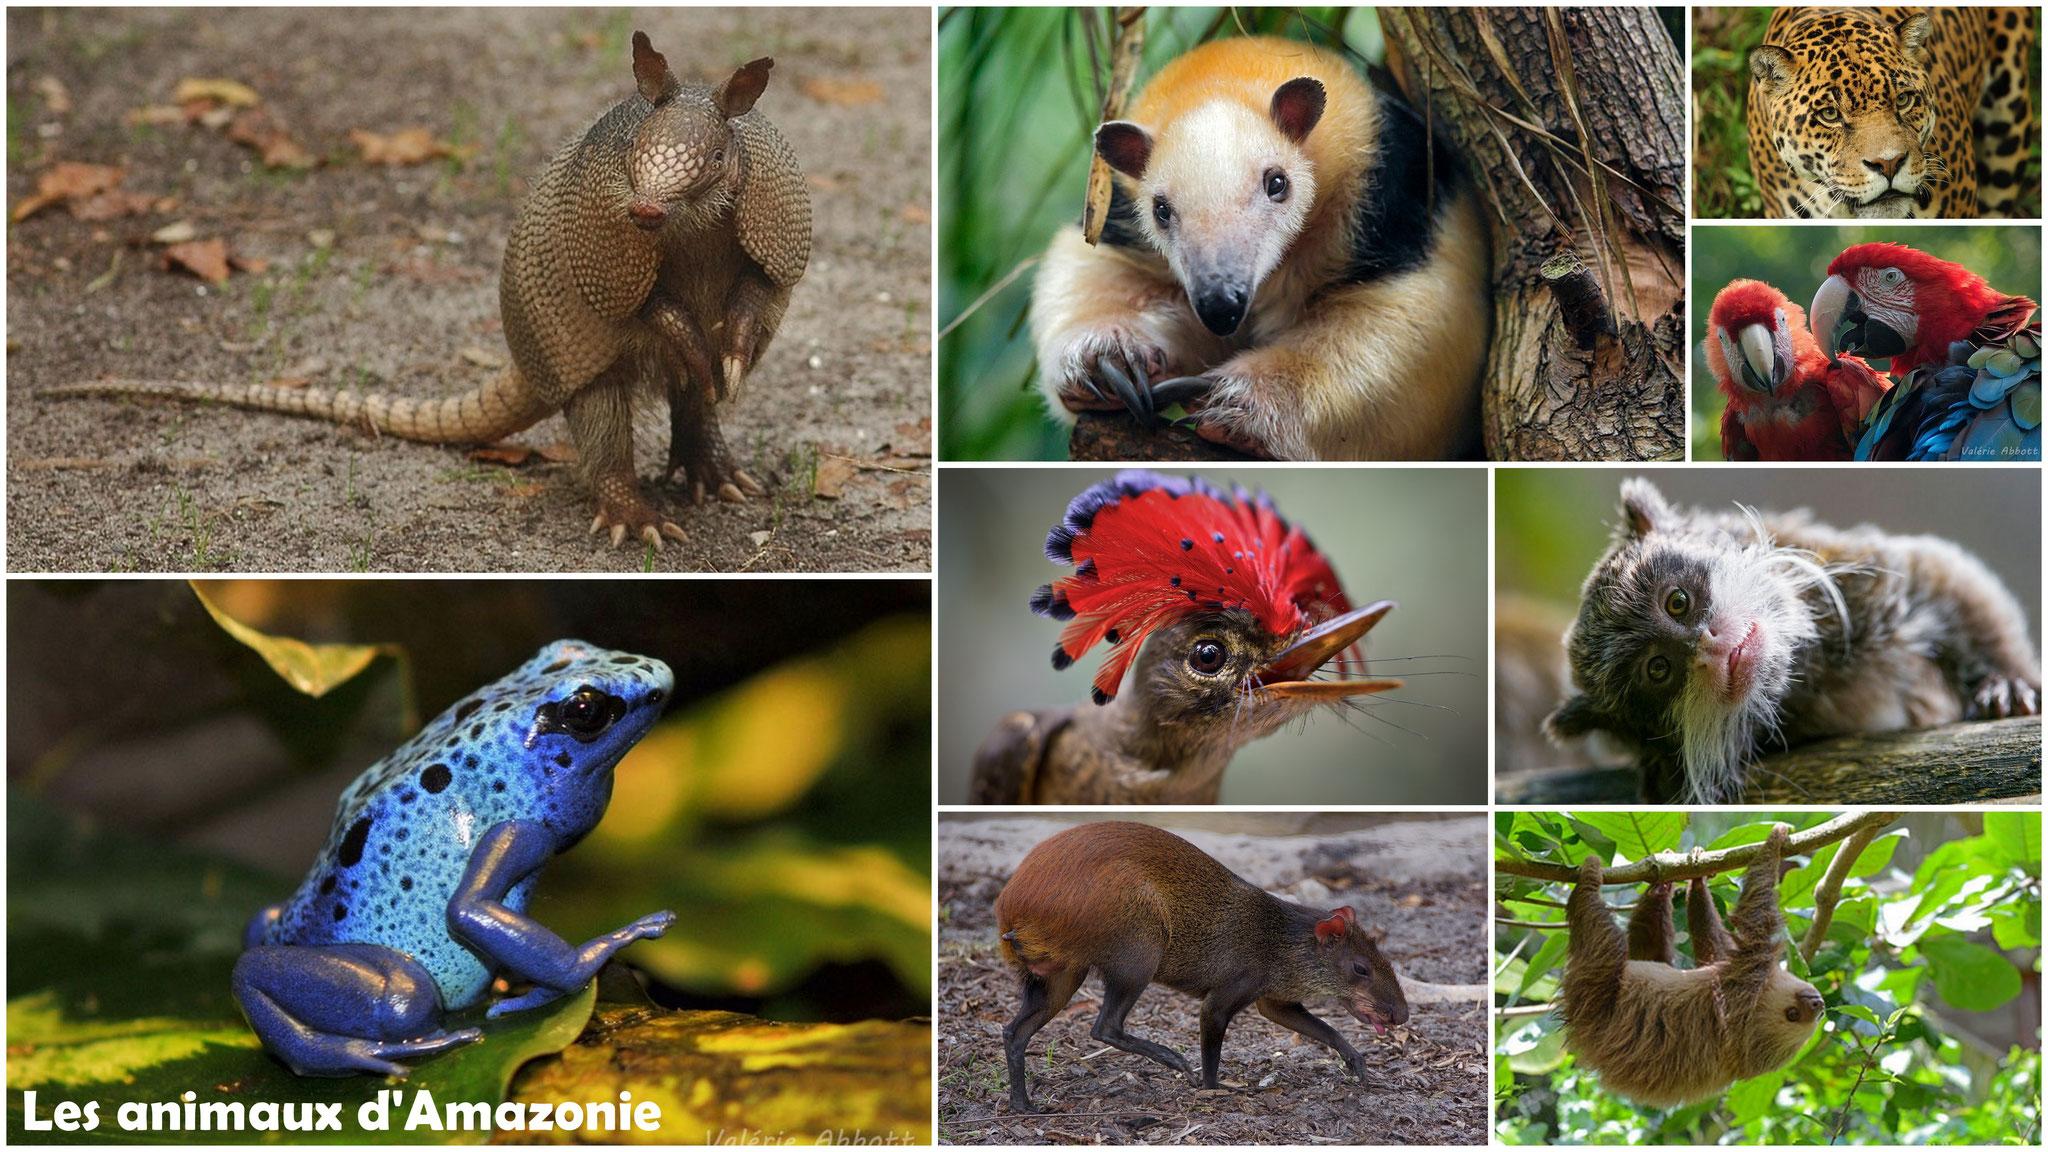 Les animaux d'Amazonie